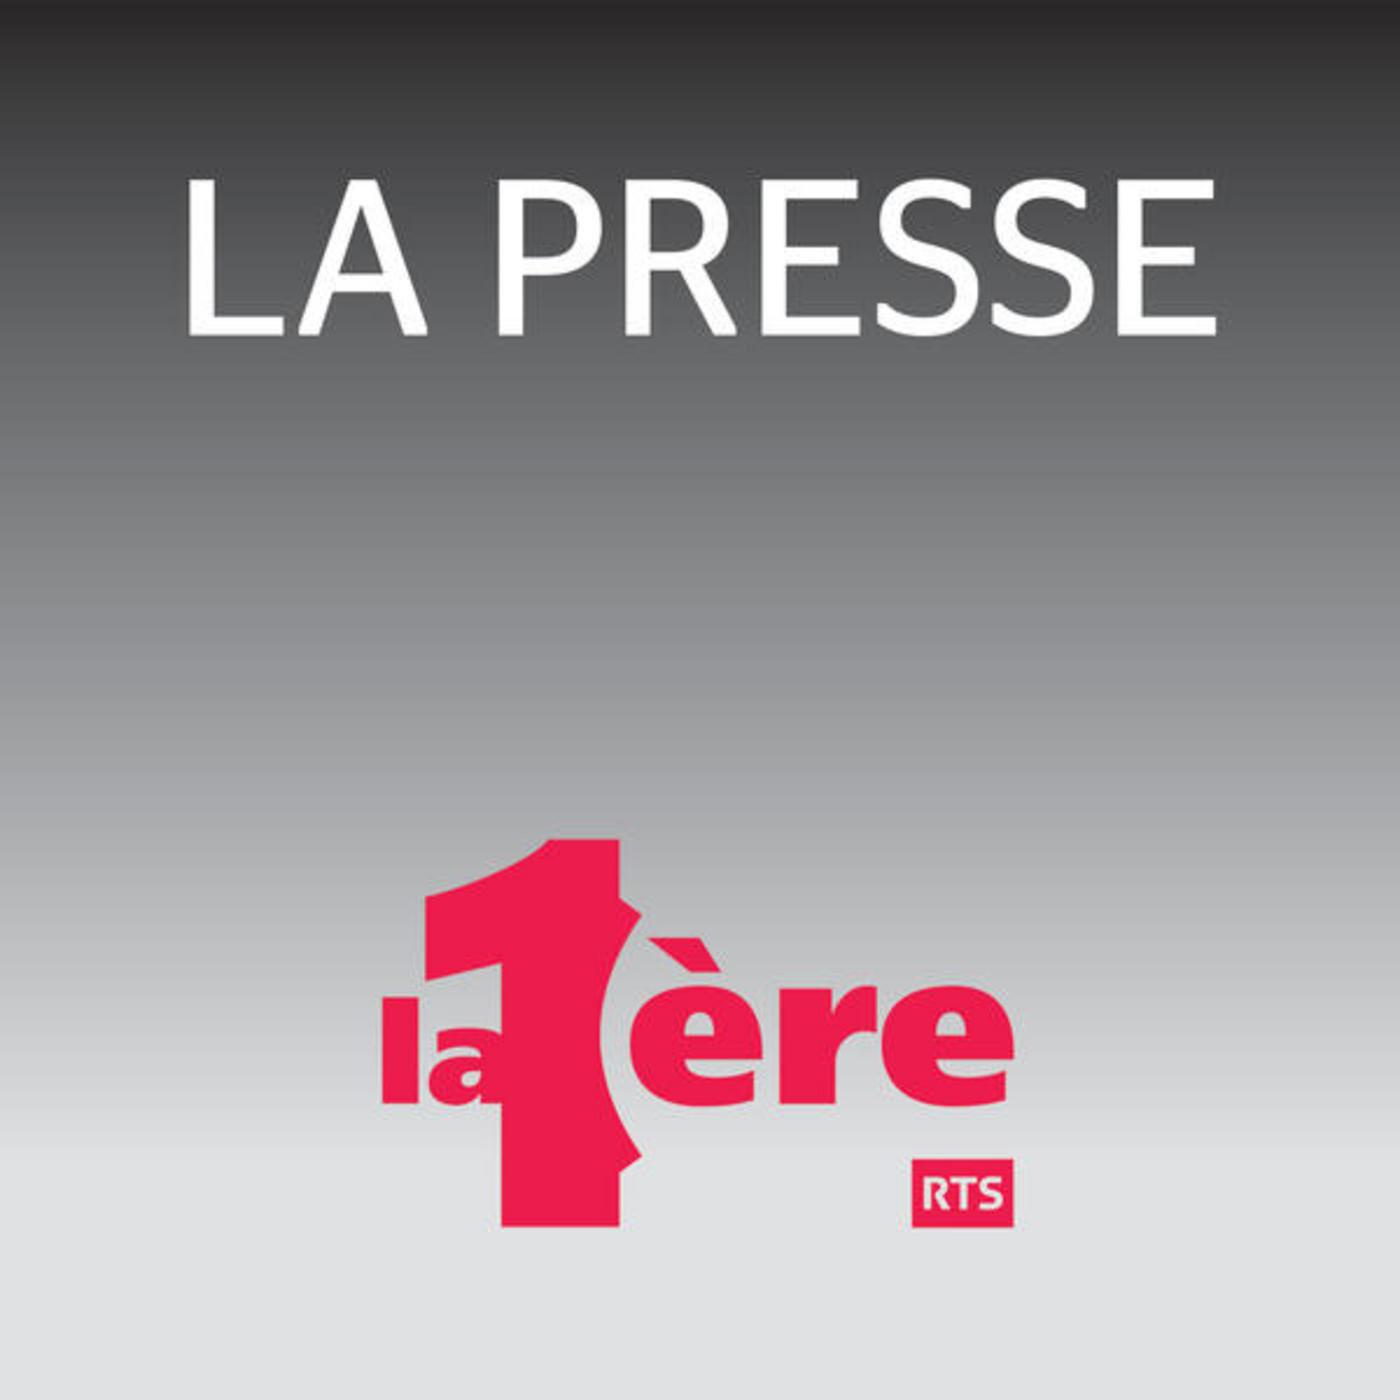 La revue de presse - Par Valérie Droux - 21.10.2020